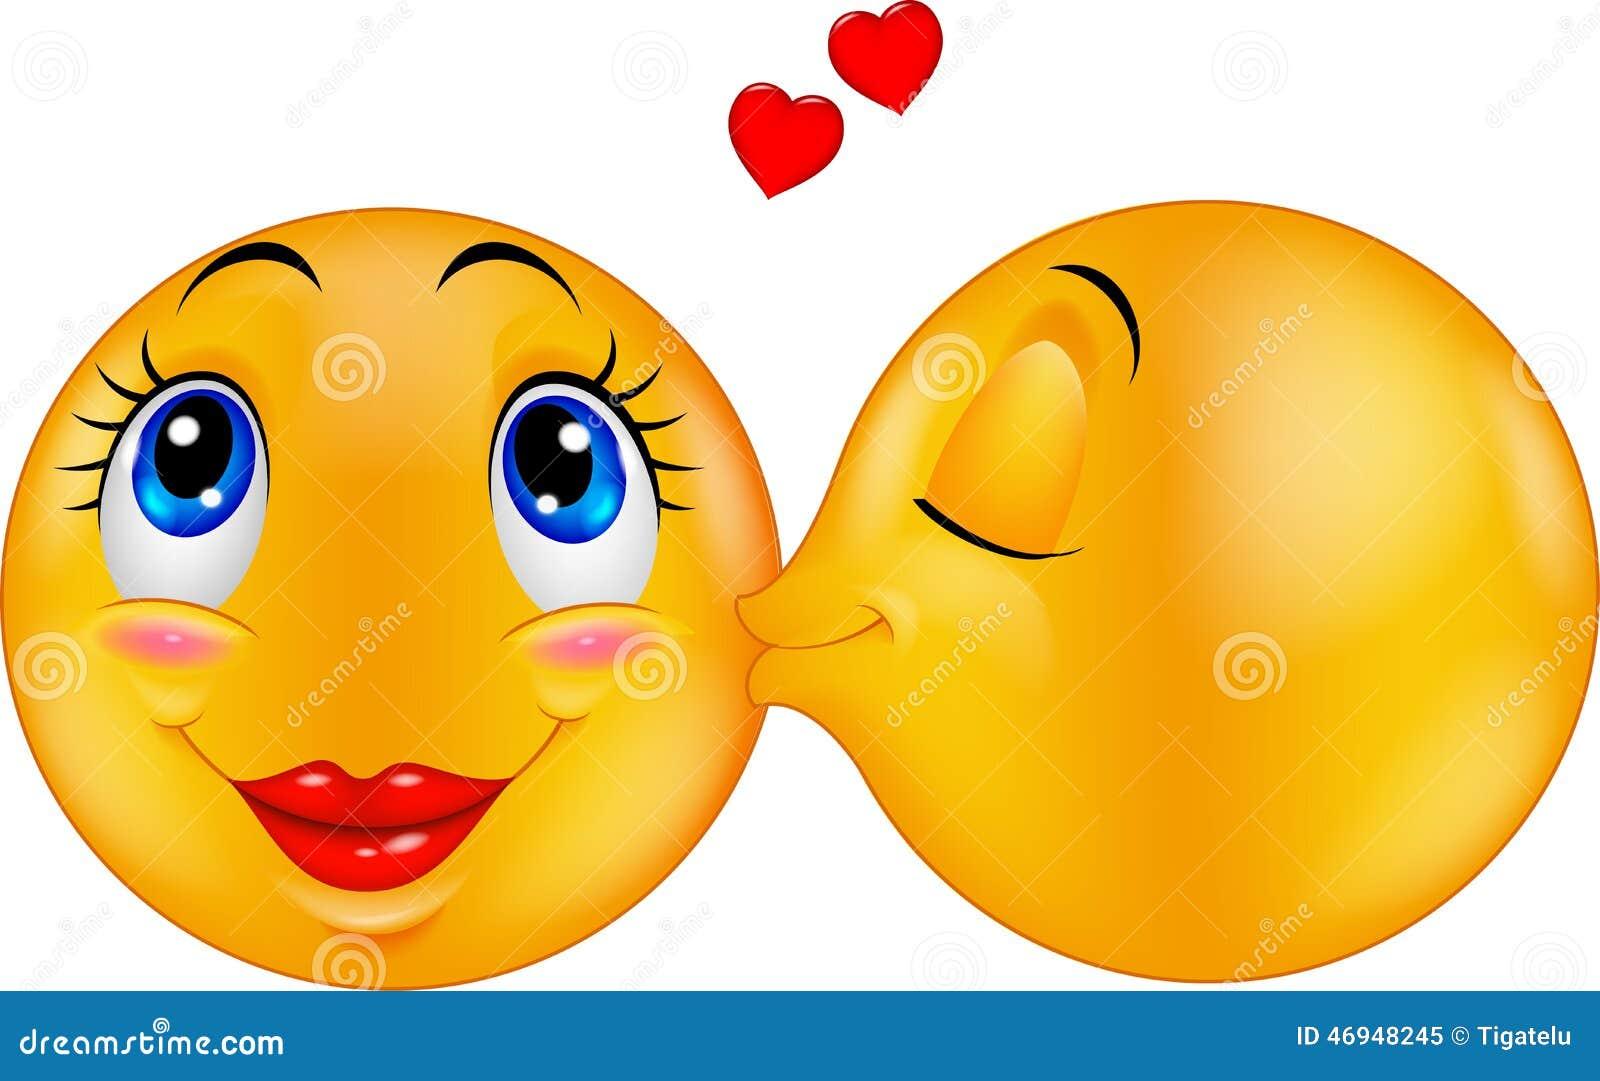 Cartoon Kissing Emoticon Stock Vector Illustration Of